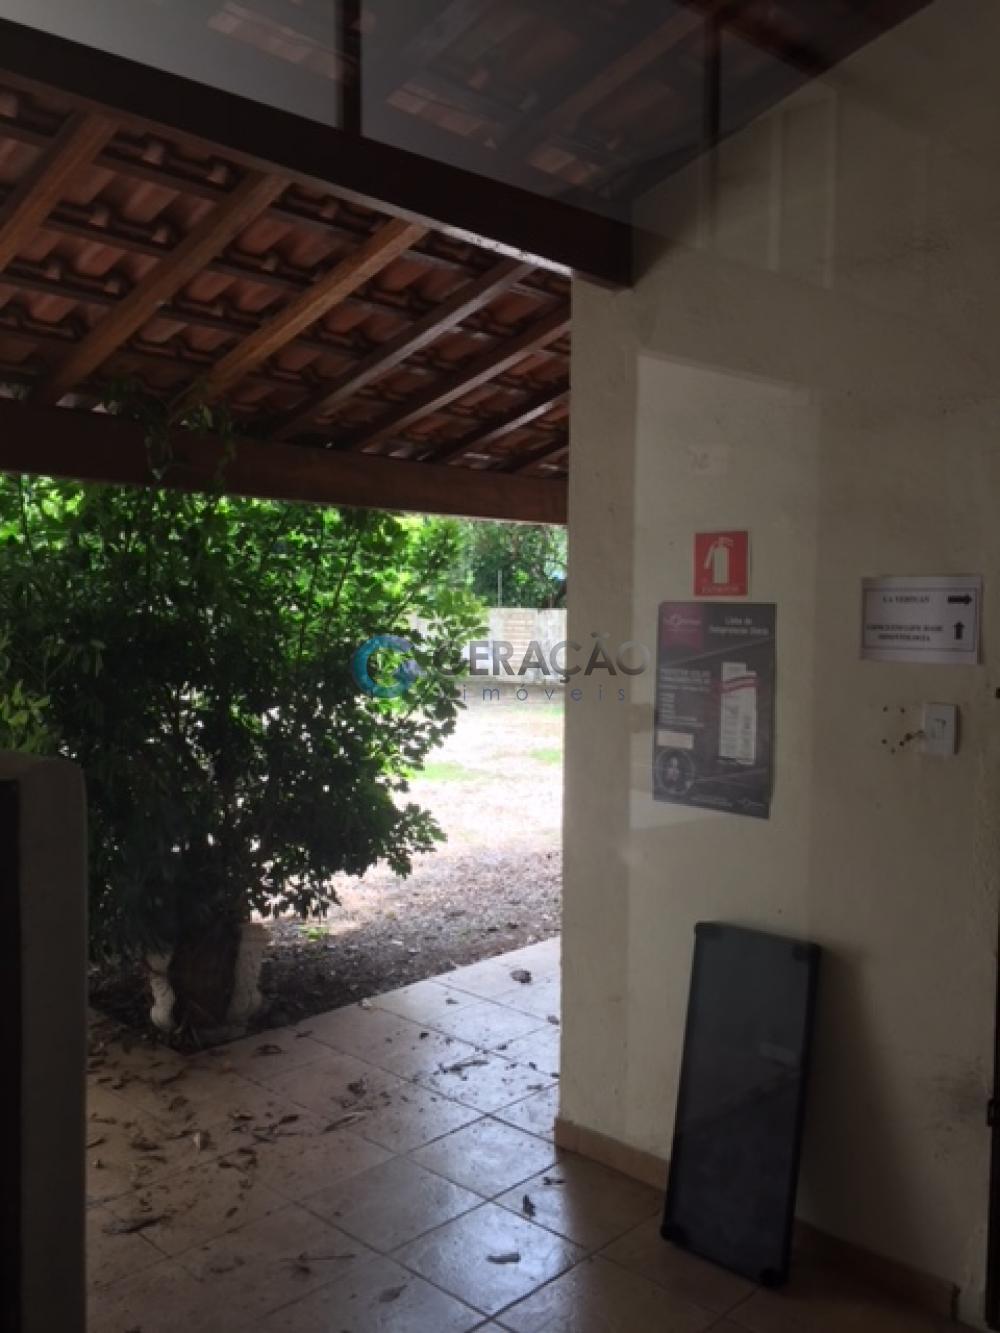 Alugar Comercial / Ponto Comercial em São José dos Campos R$ 15.000,00 - Foto 12